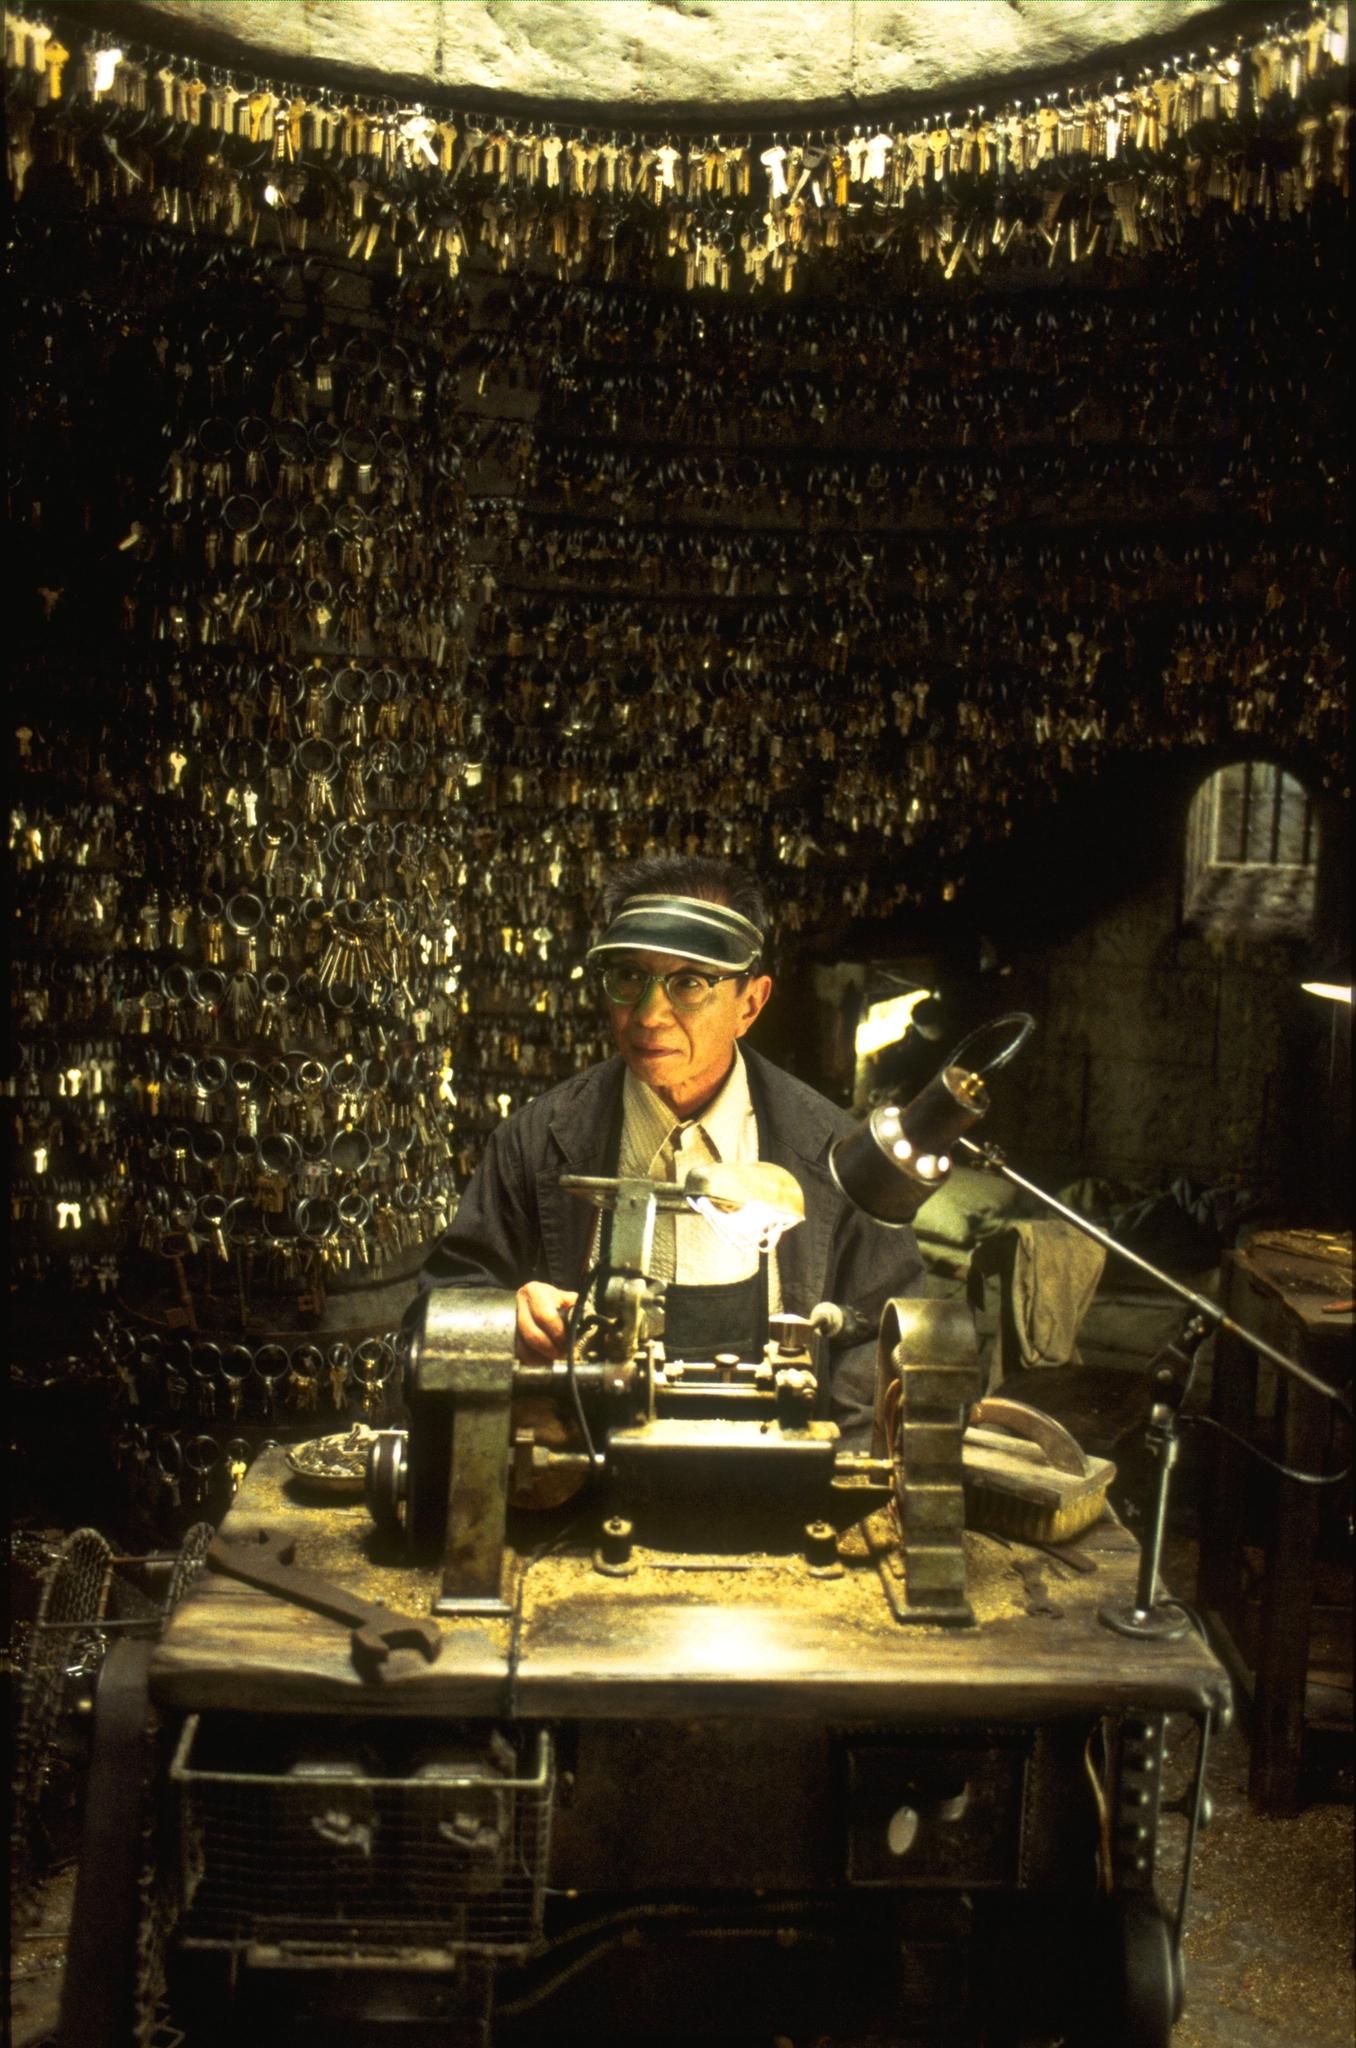 Randall Duk Kim in The Matrix Reloaded (2003)